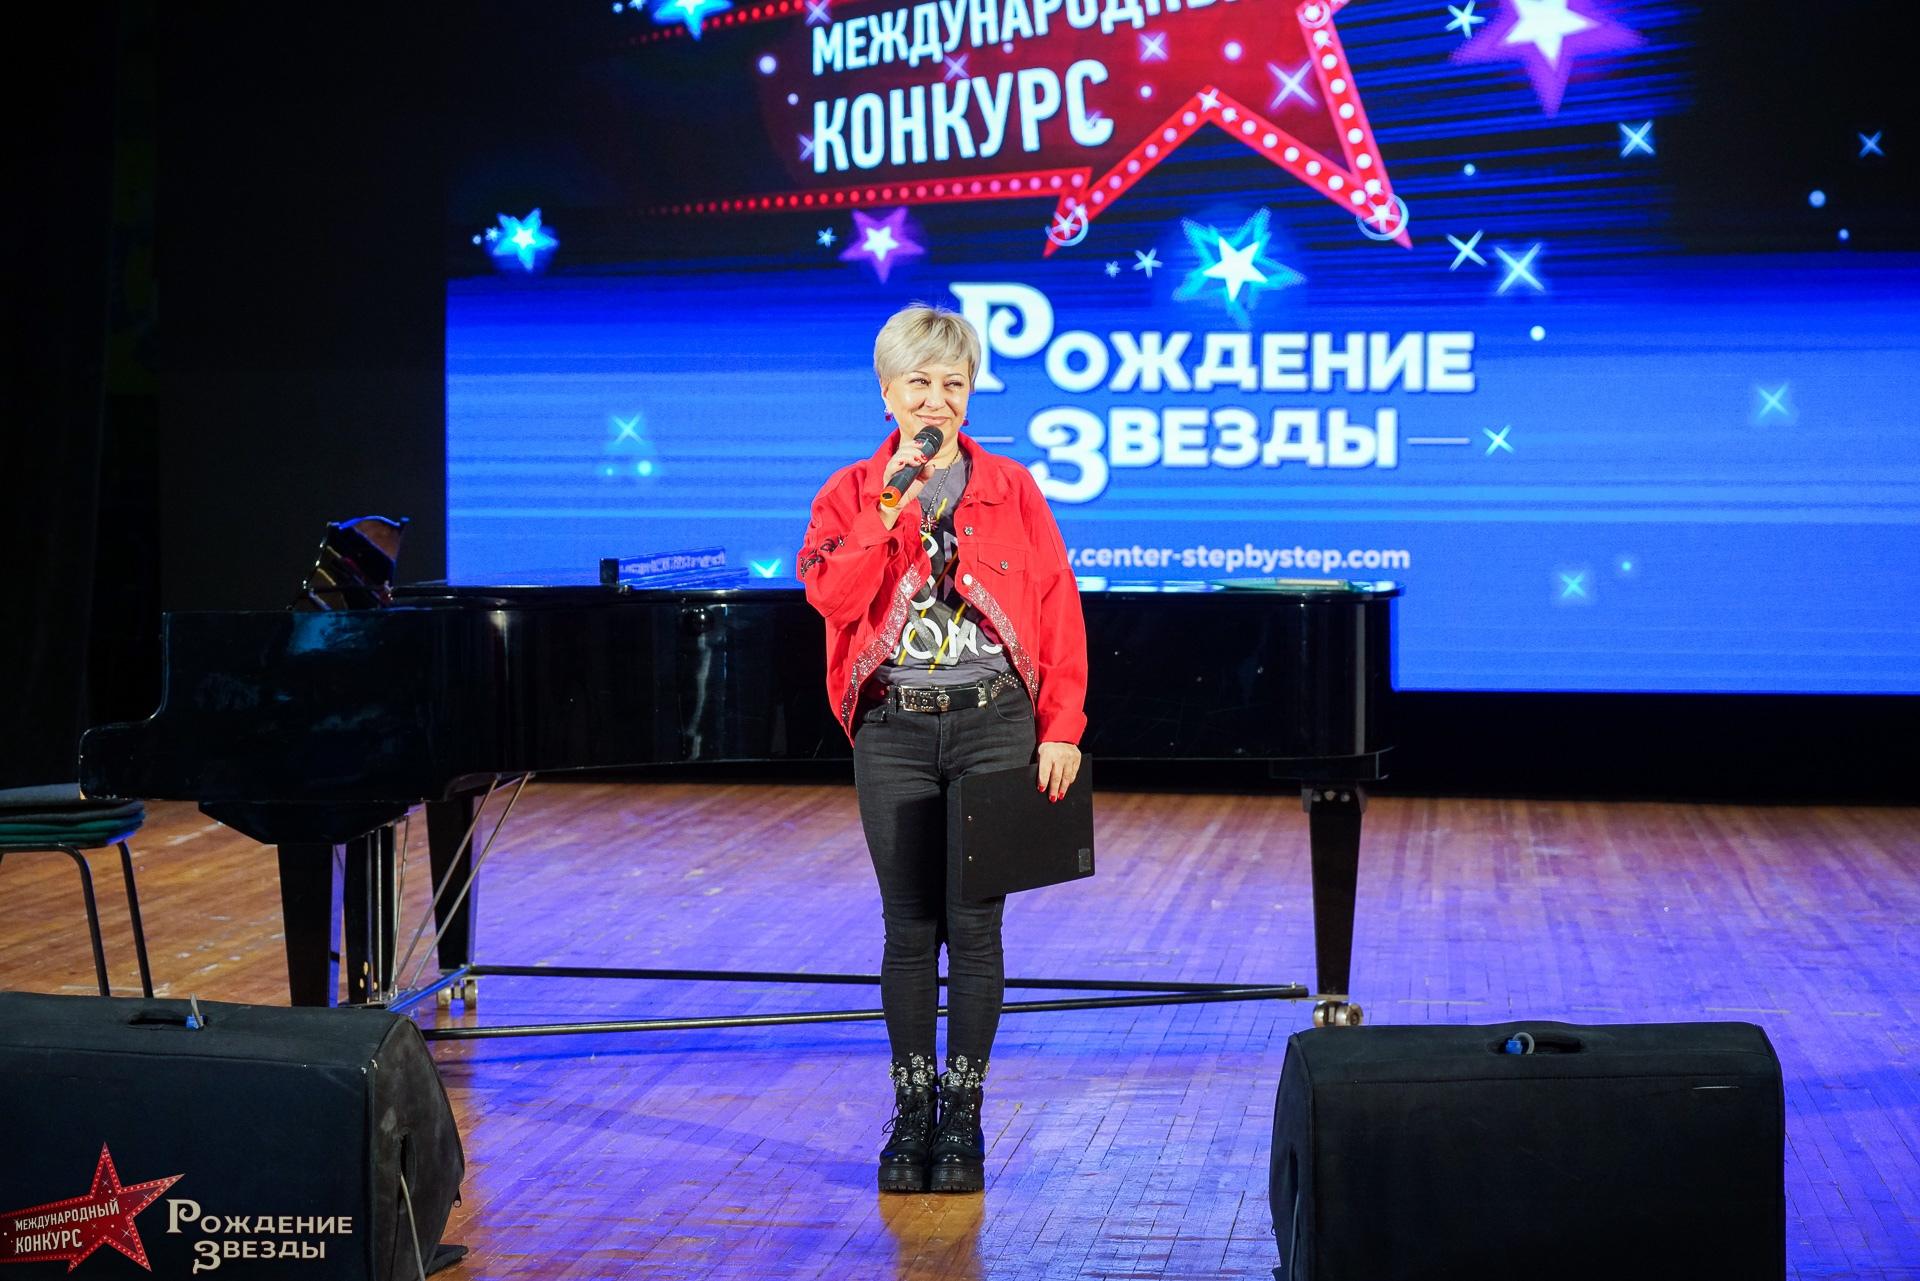 фото с конкурса Рождение звезды